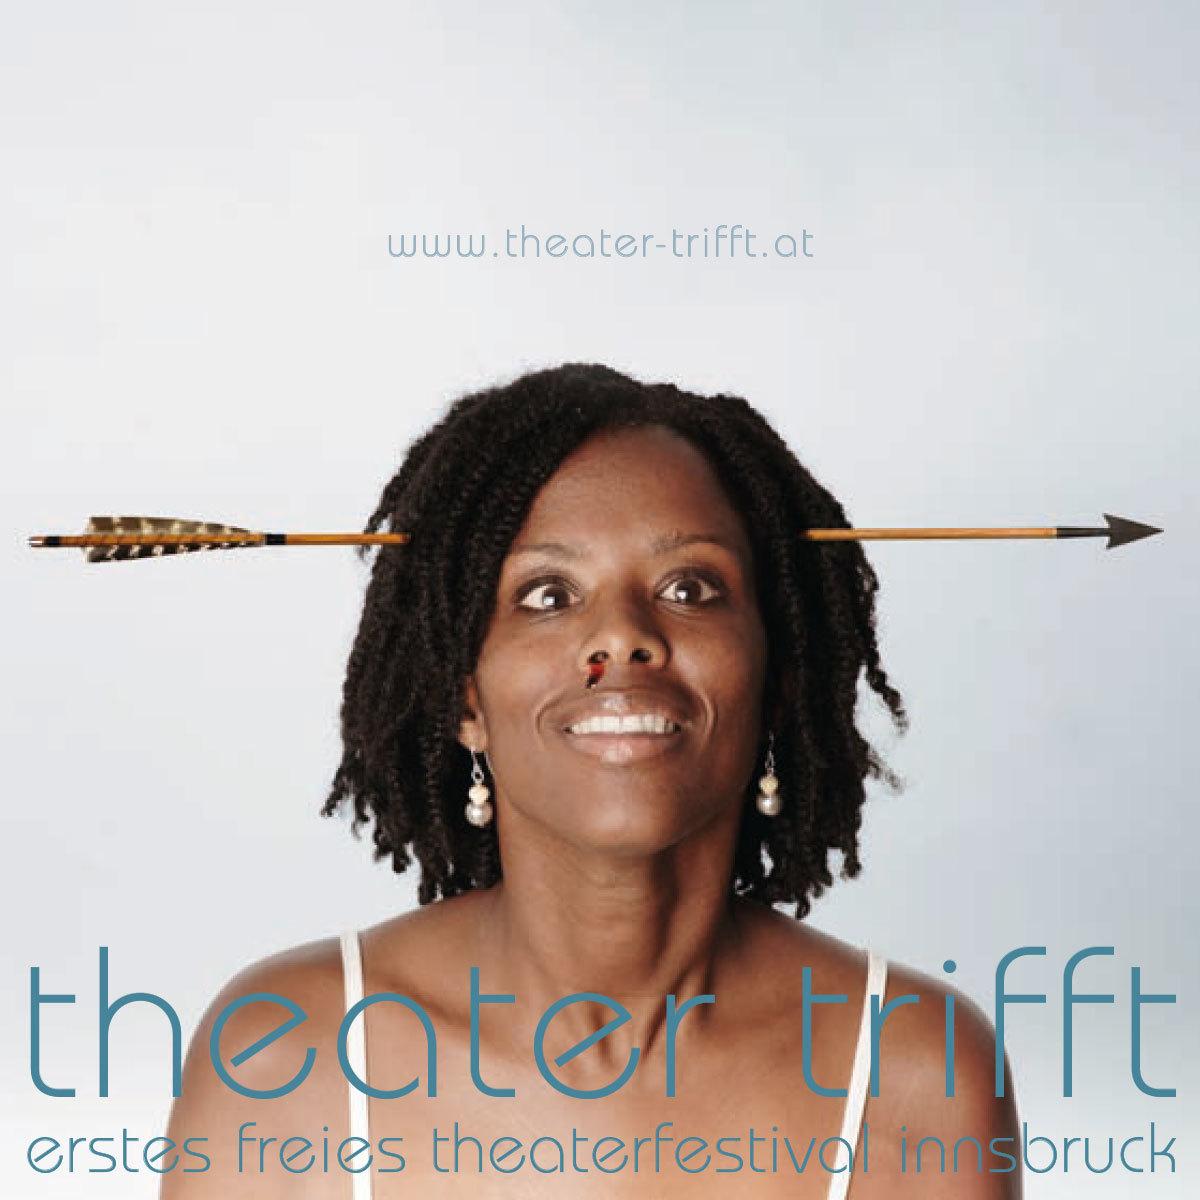 Theaterfestival 2008 – erstes freies theater innsbruck v3